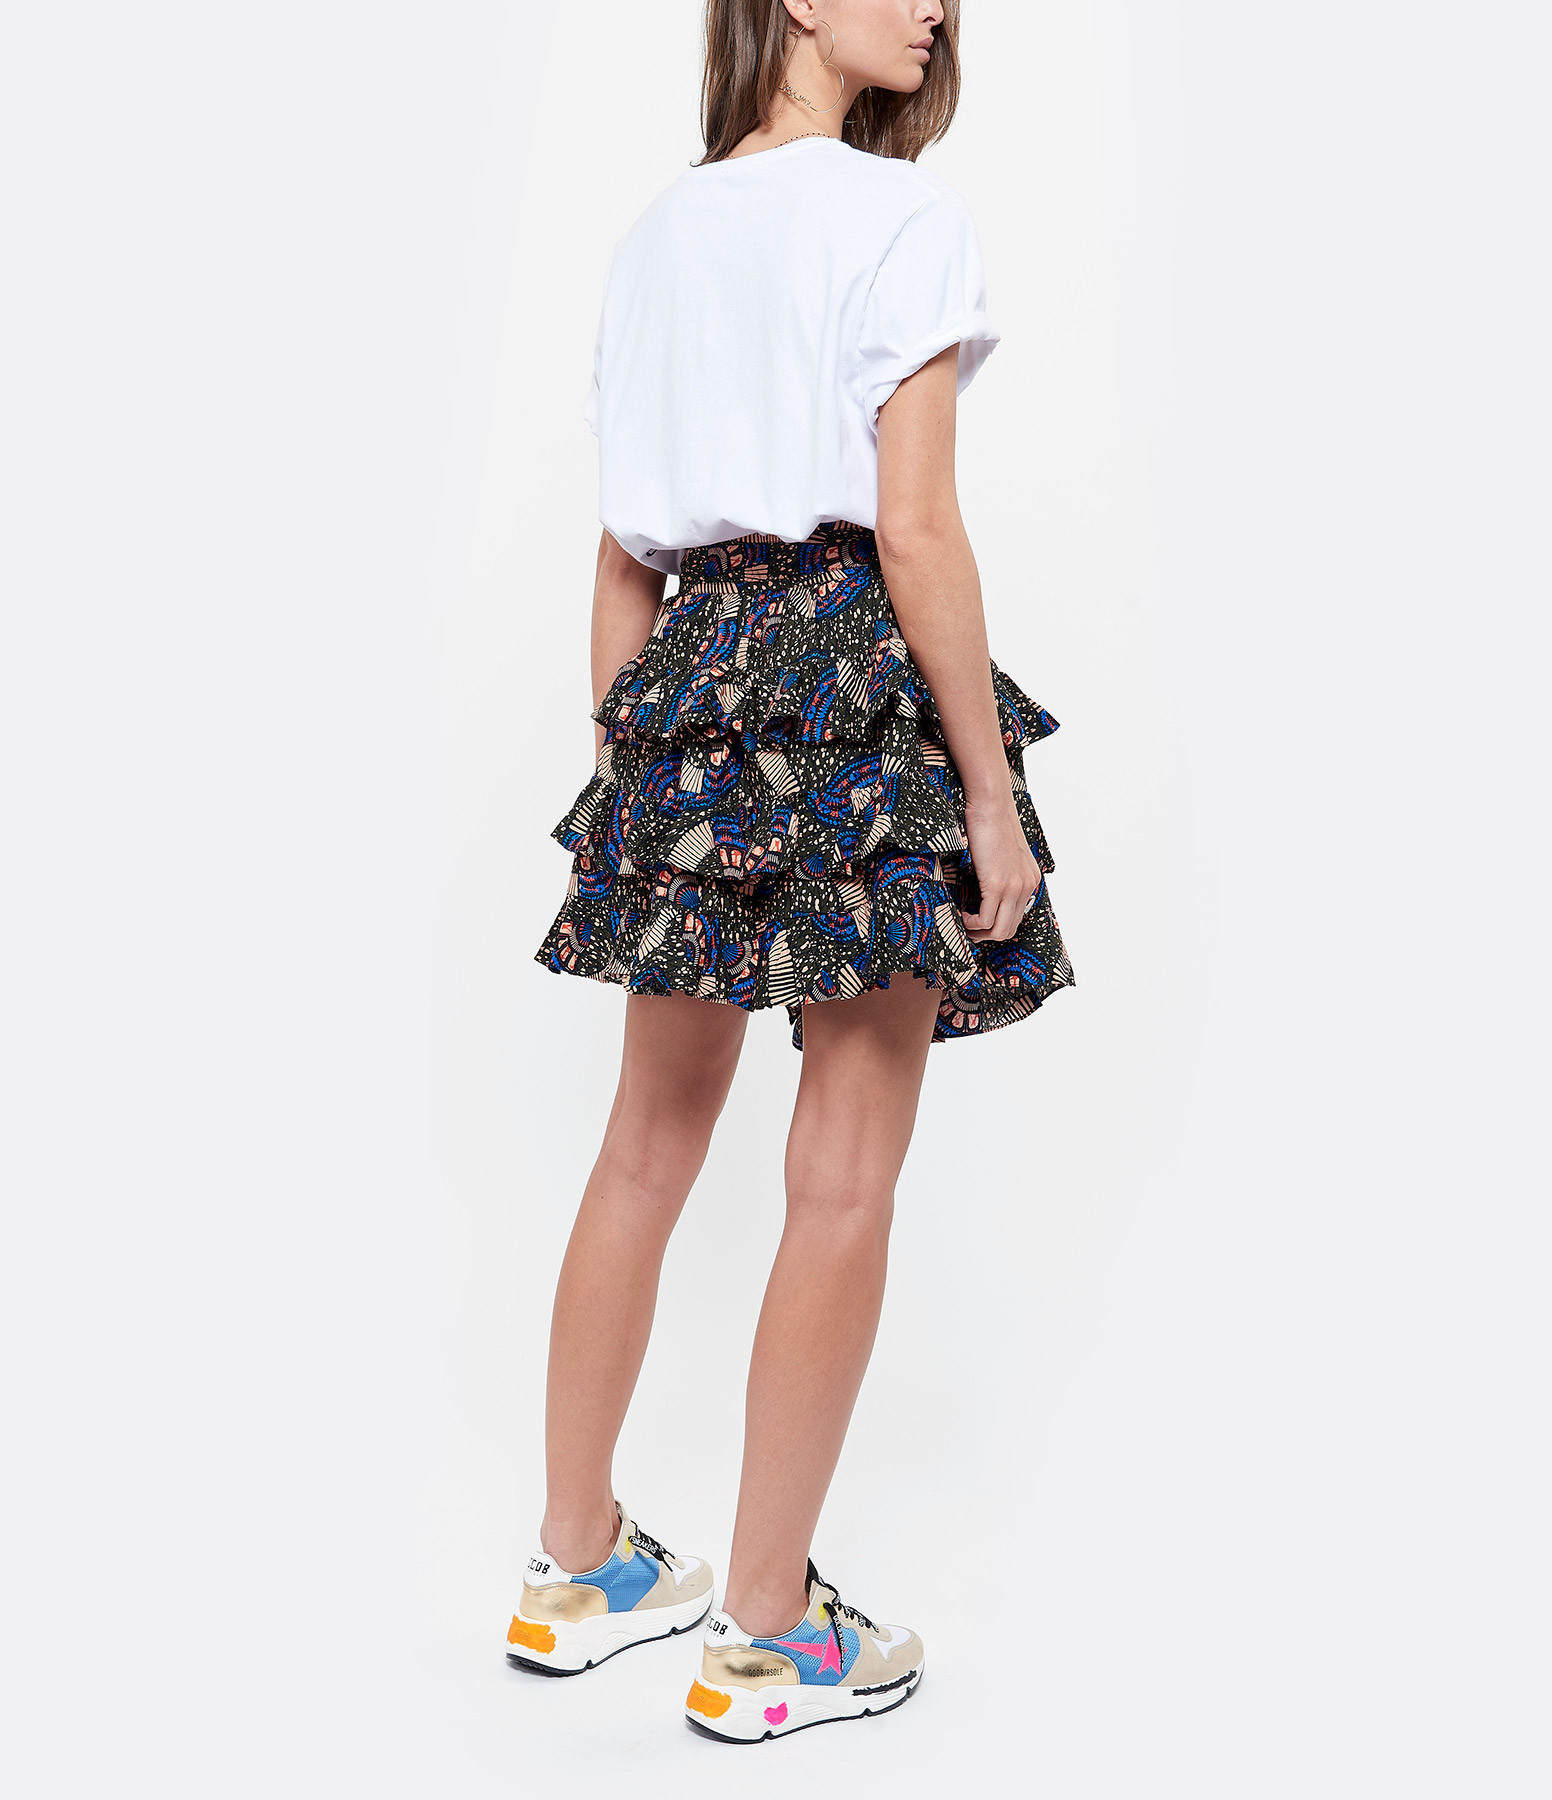 MAJESTIC FILATURES - Tee-shirt Blanc Métal Bleu, Cindy Bruna